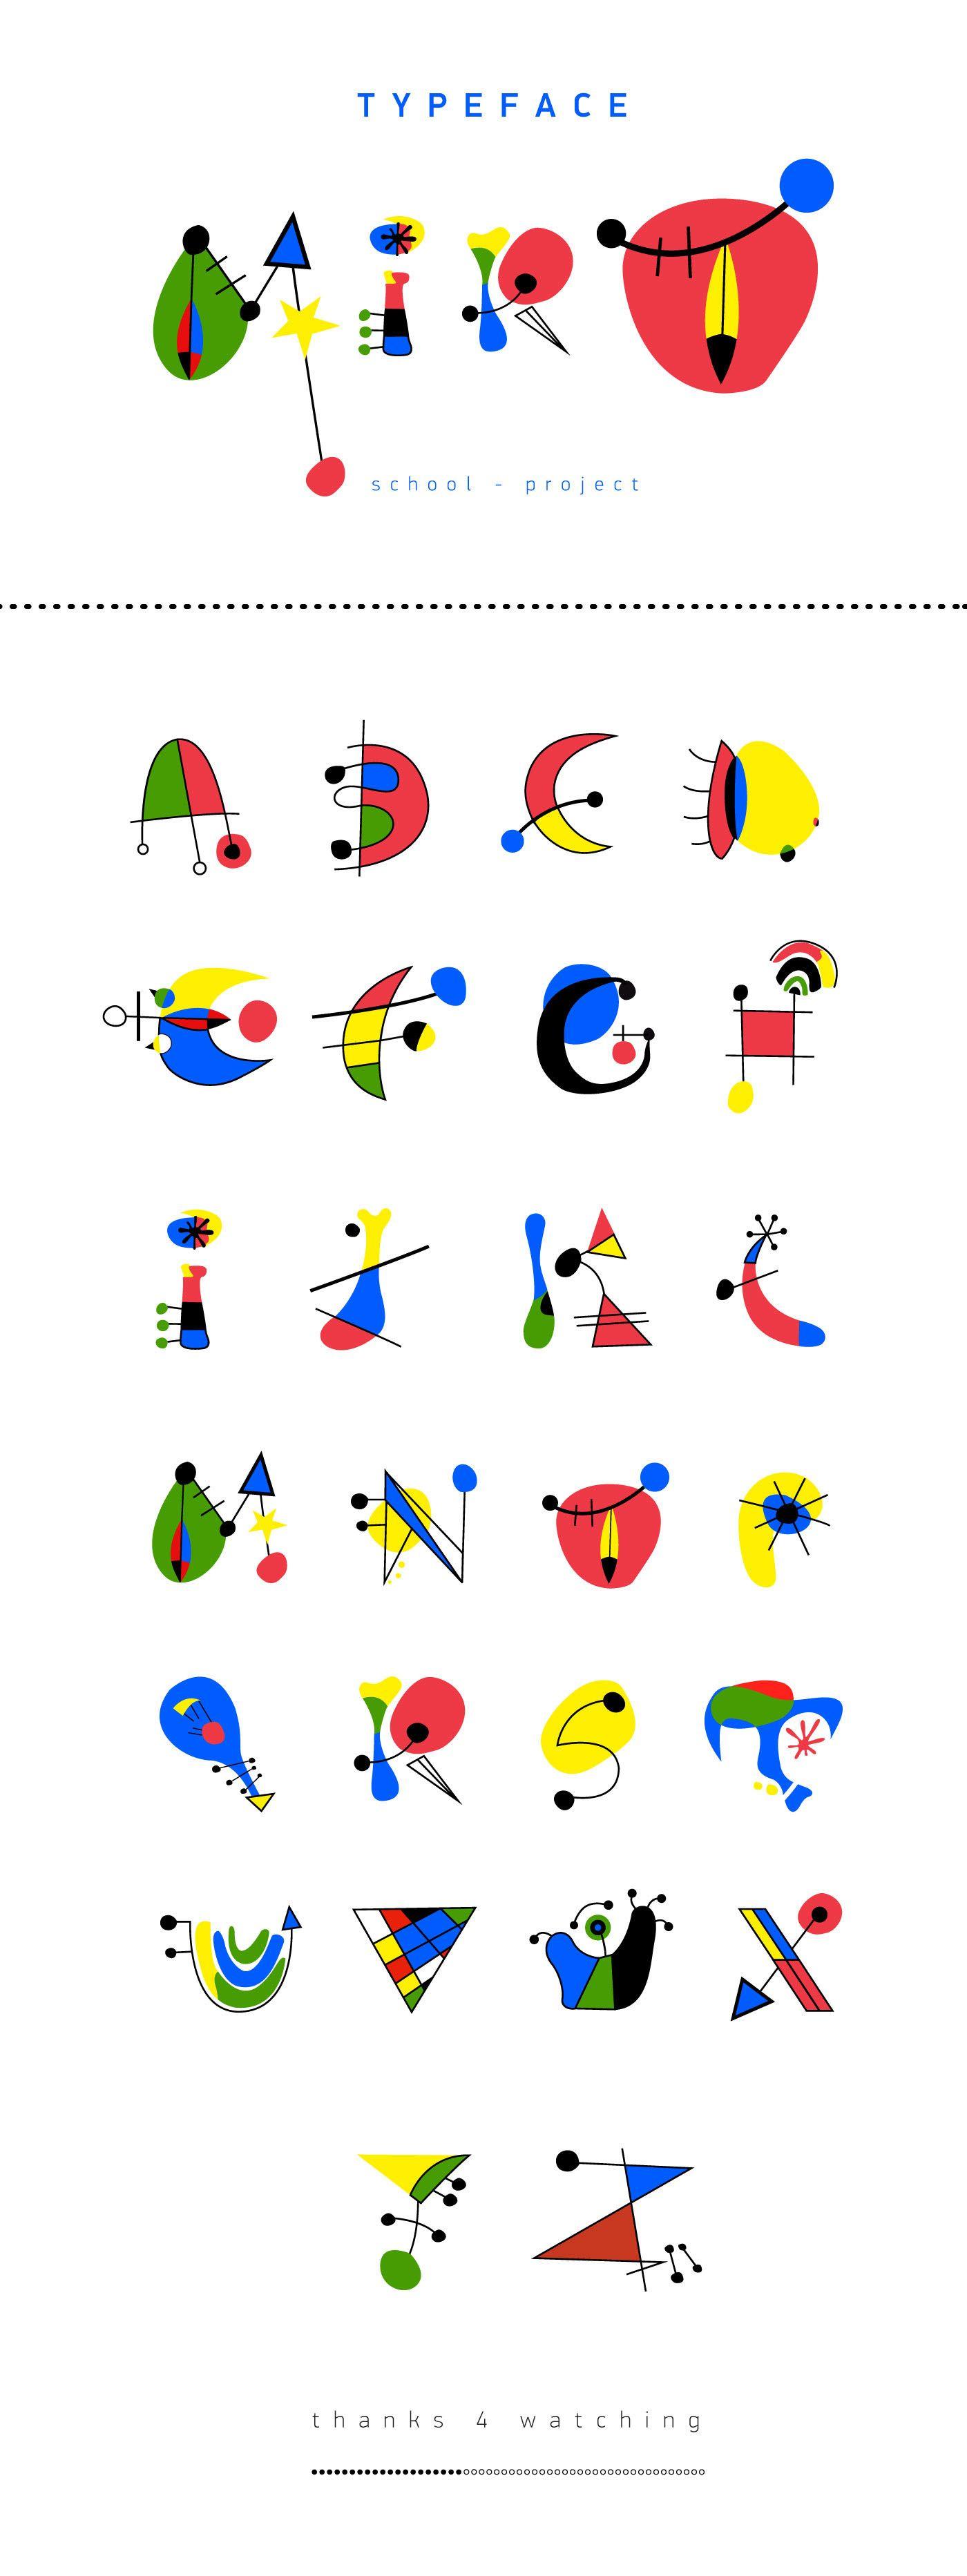 Miro Typeface